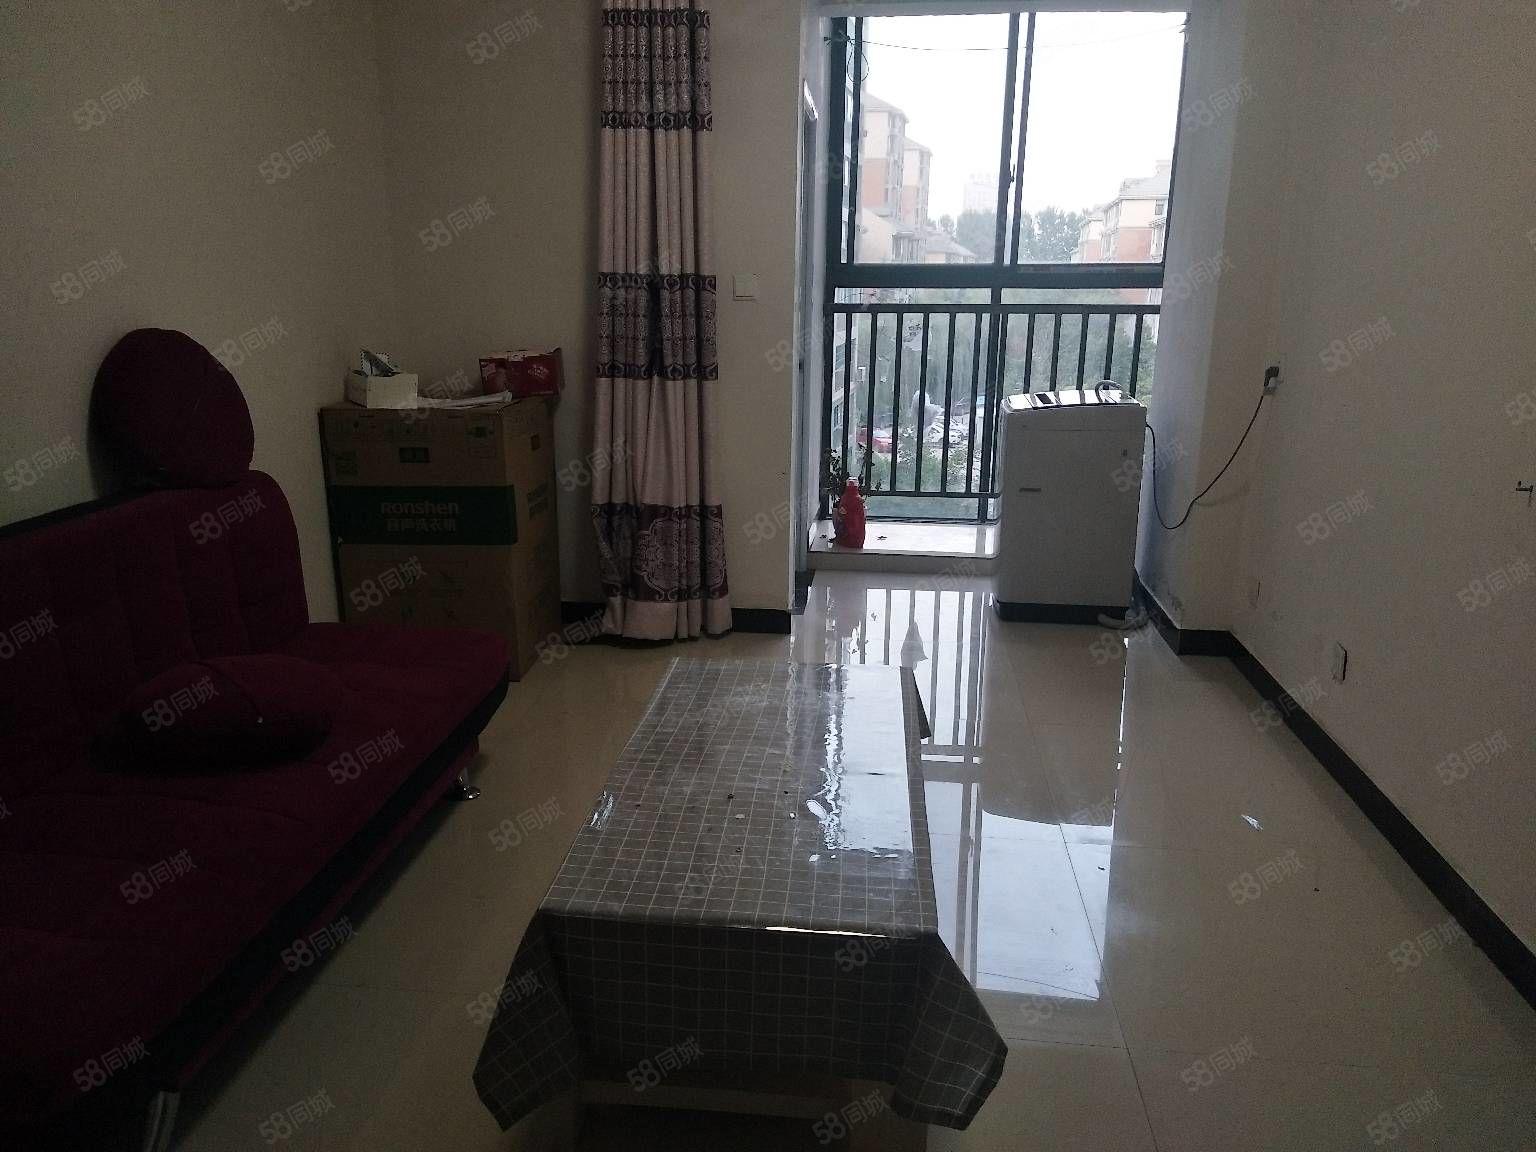 紫荆城精装公寓,家具家电齐全,欢迎随时看房